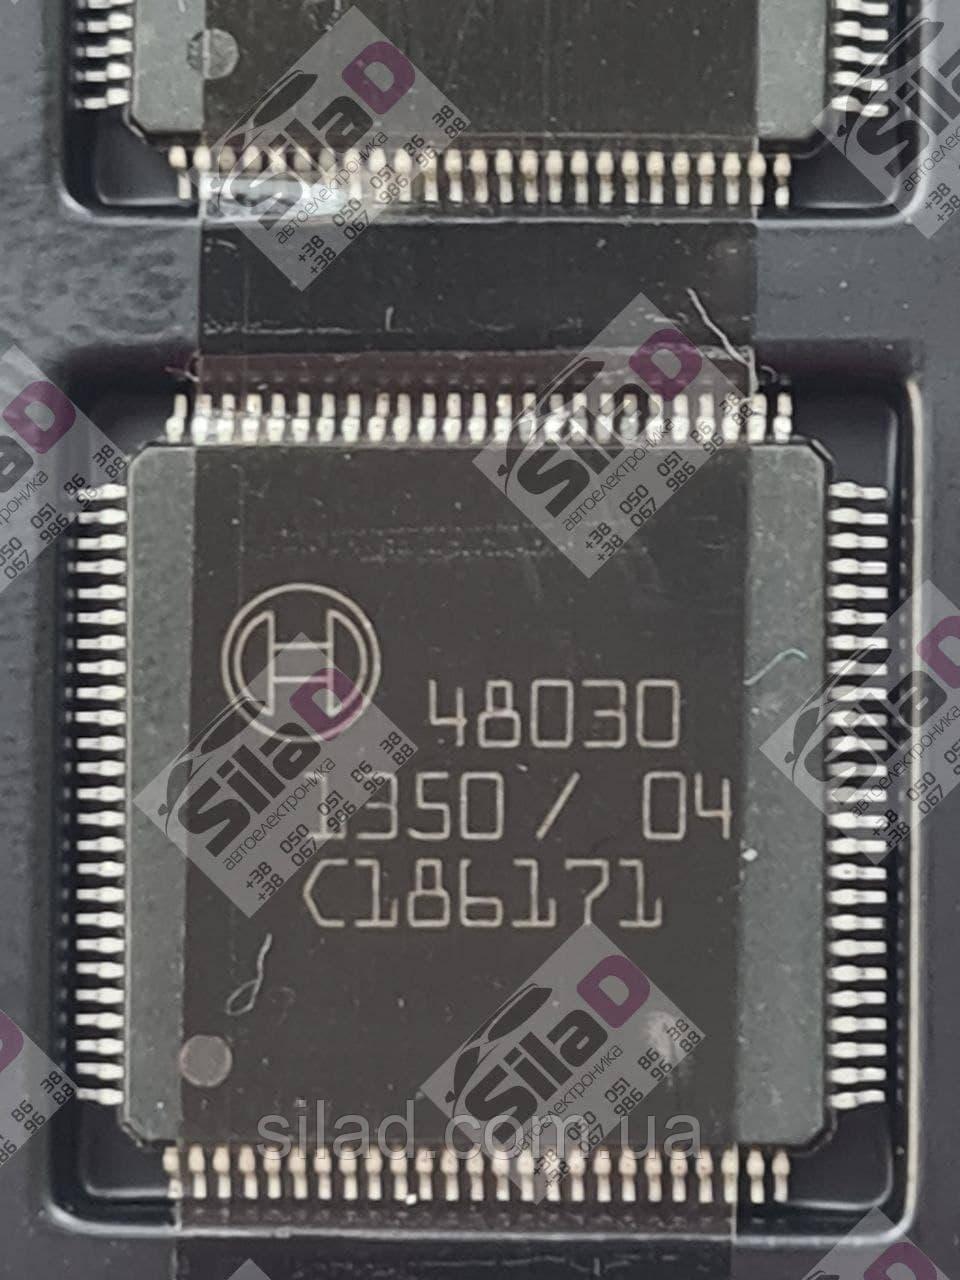 Микросхема Bosch 48030 корпус QFP100